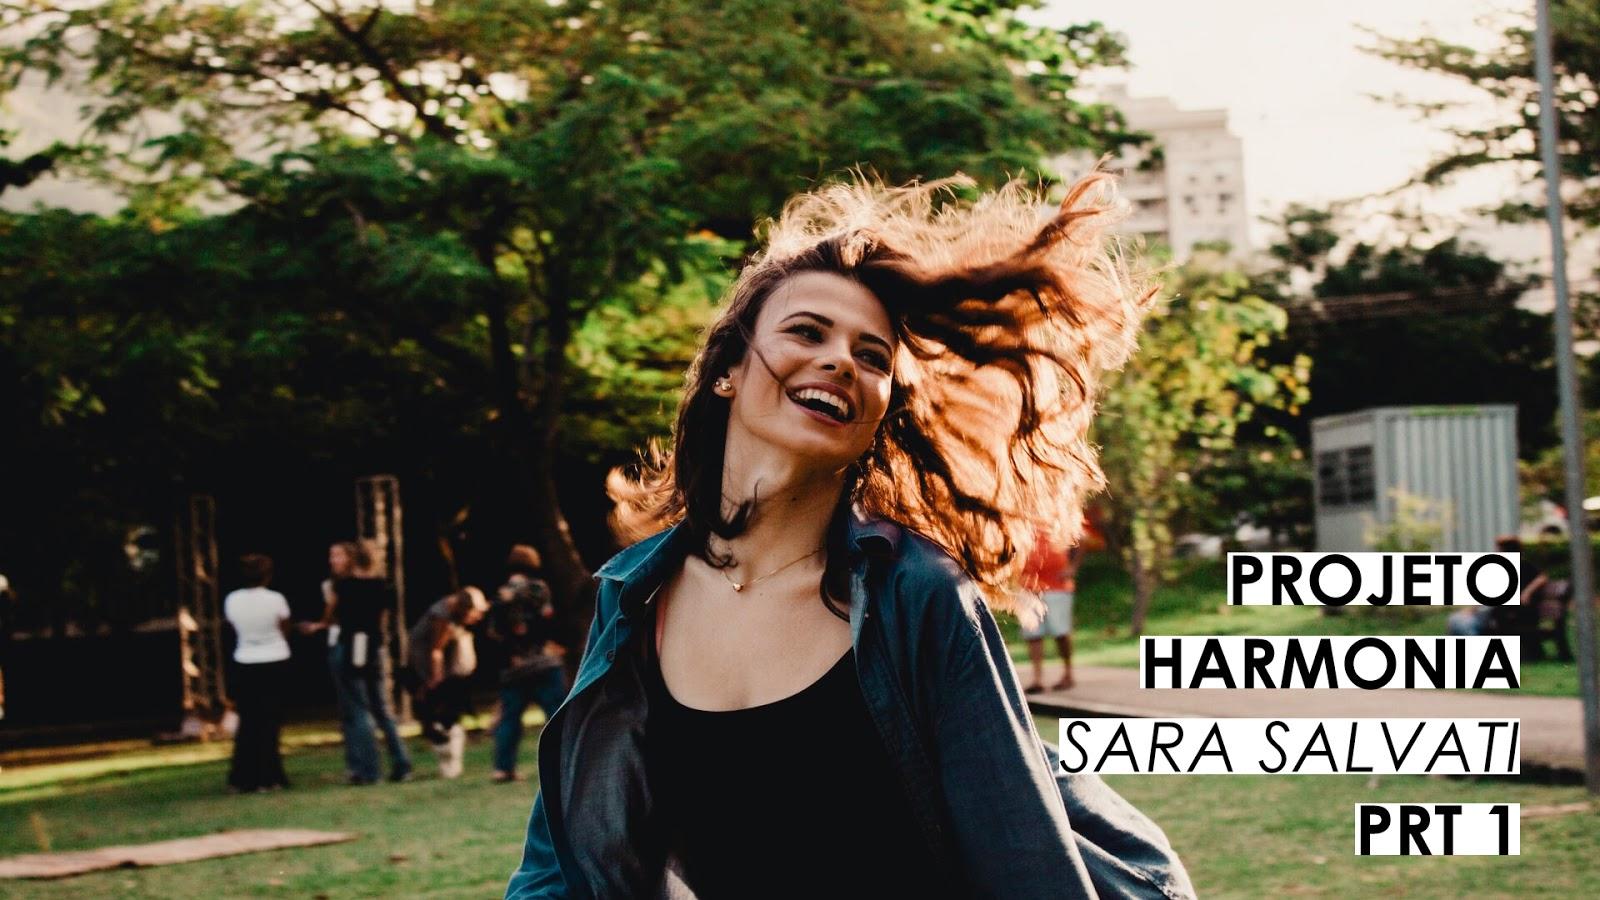 PROJETO HARMONIA (EP. 2): Sara Salvati - PRT 1